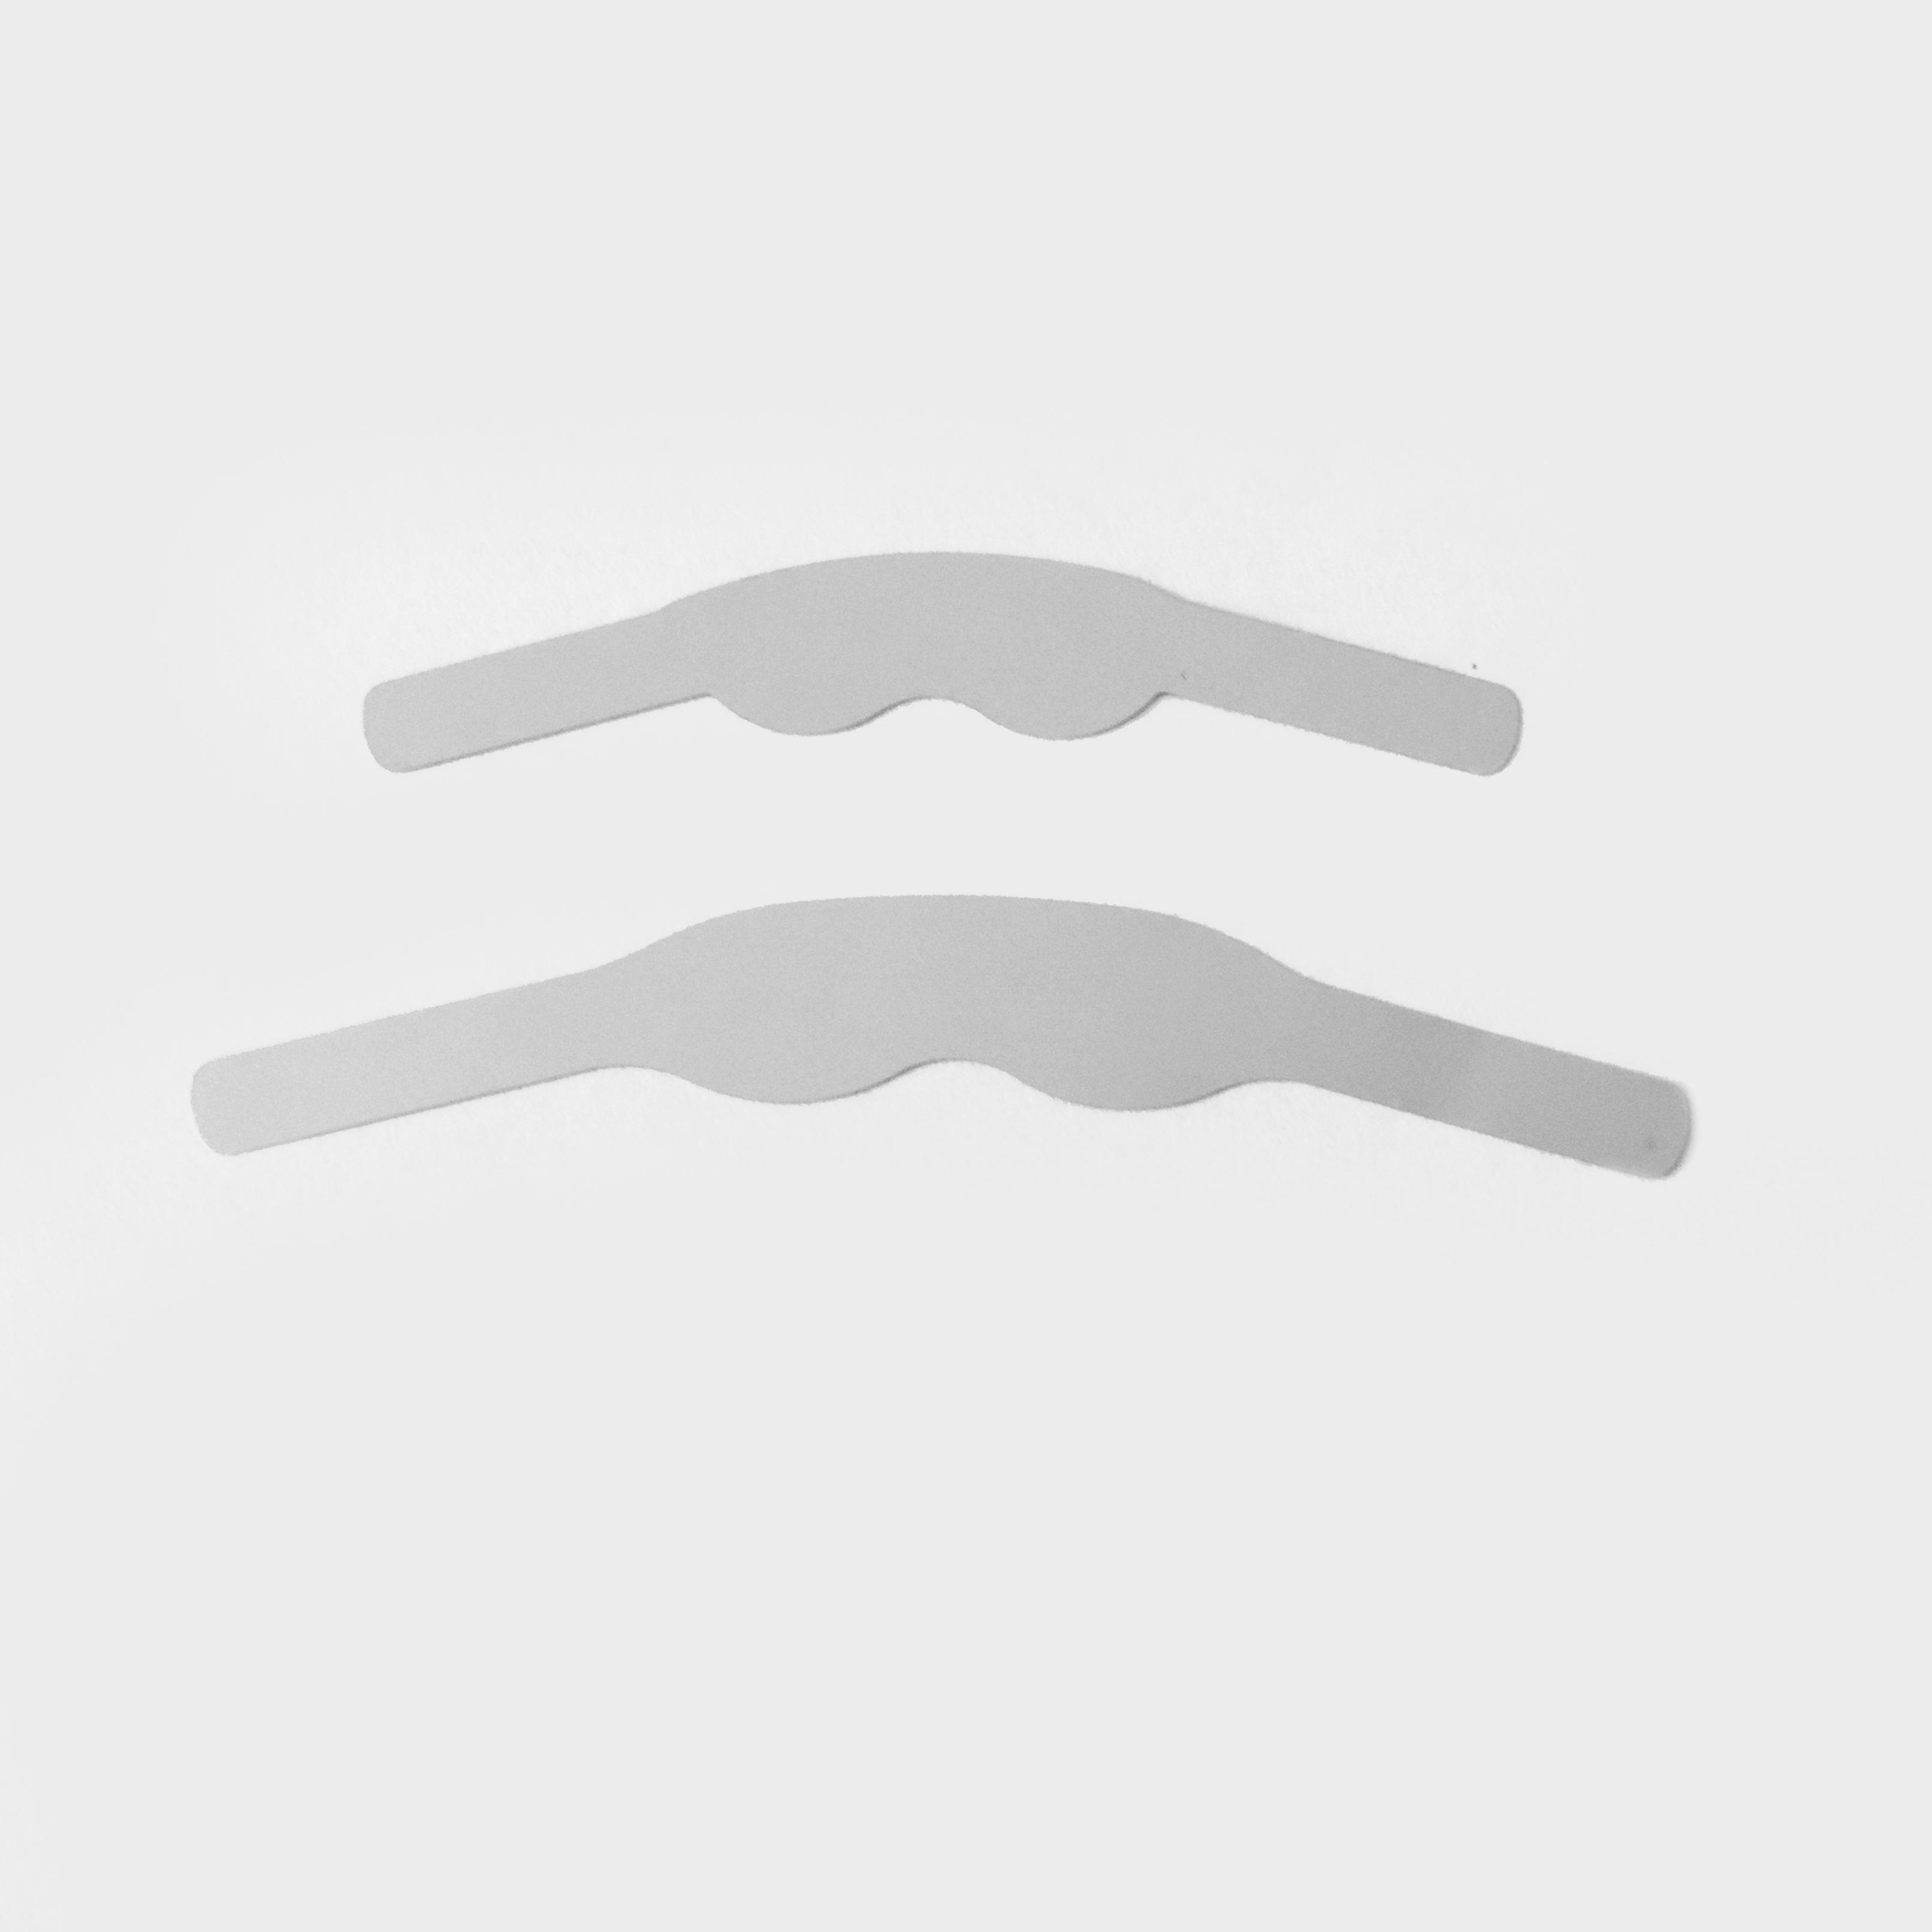 Paski do formówek profilowane